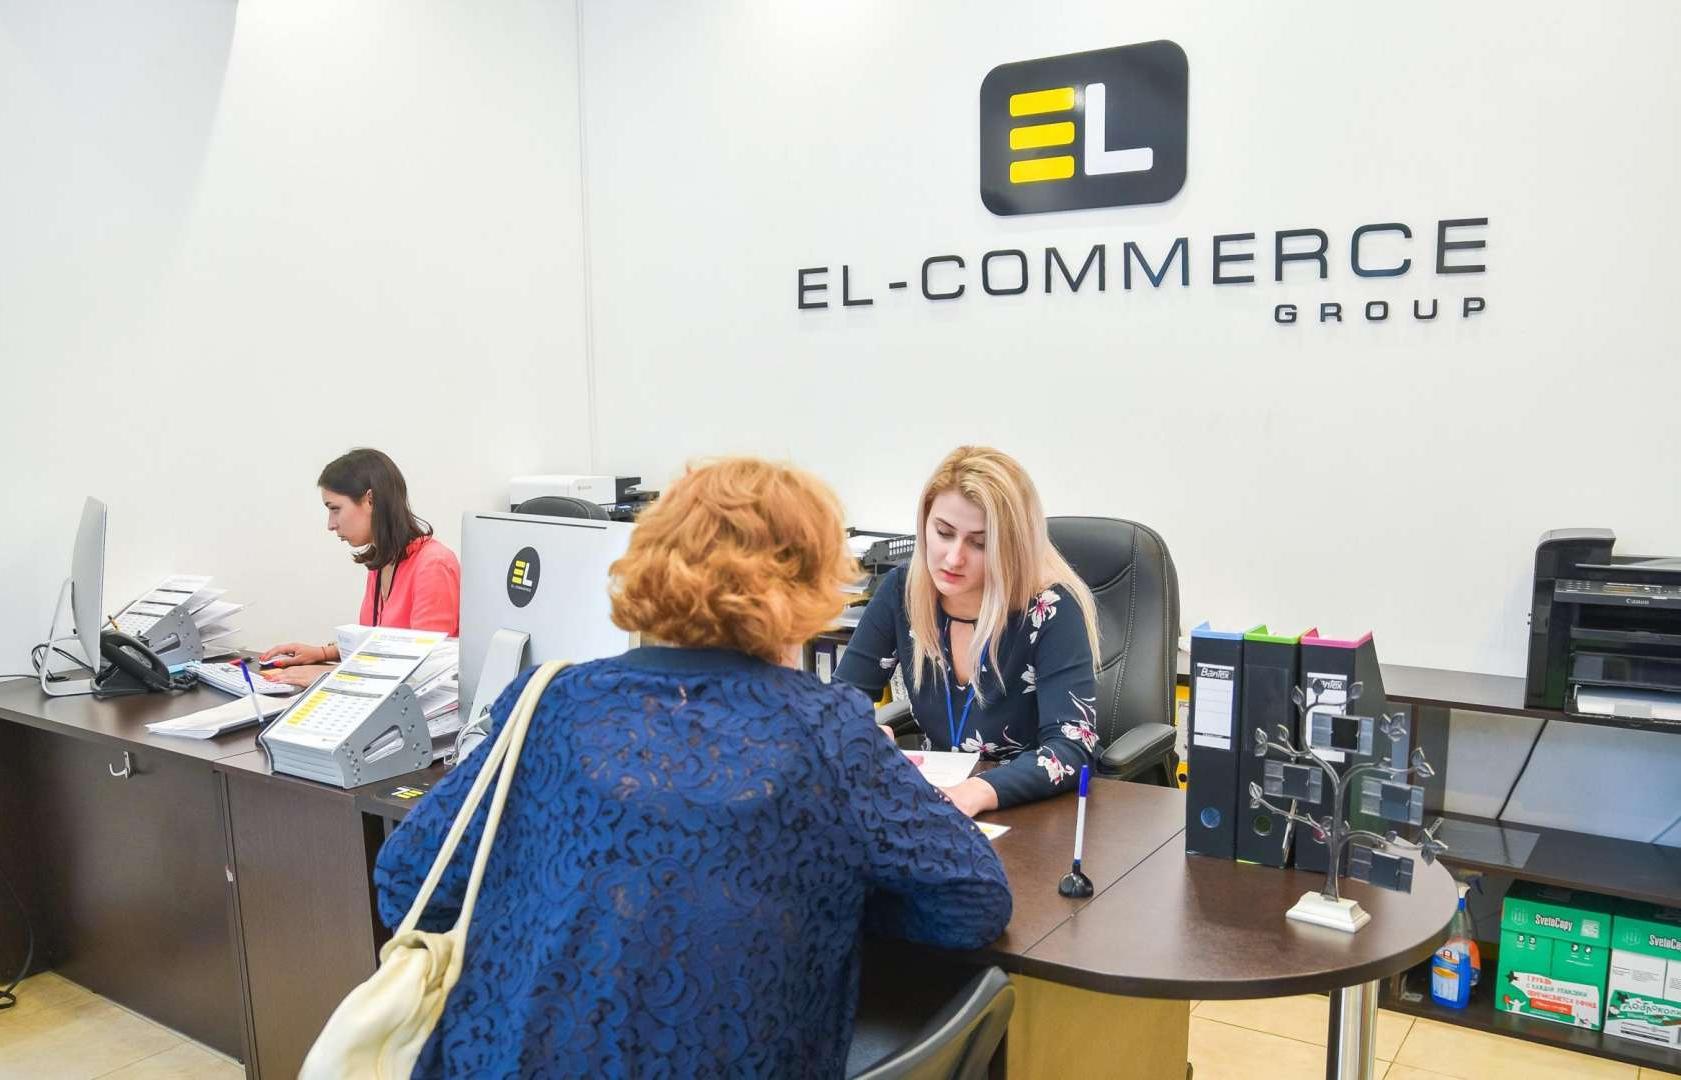 «Эль-Коммерс» подозревают в недостоверной рекламе